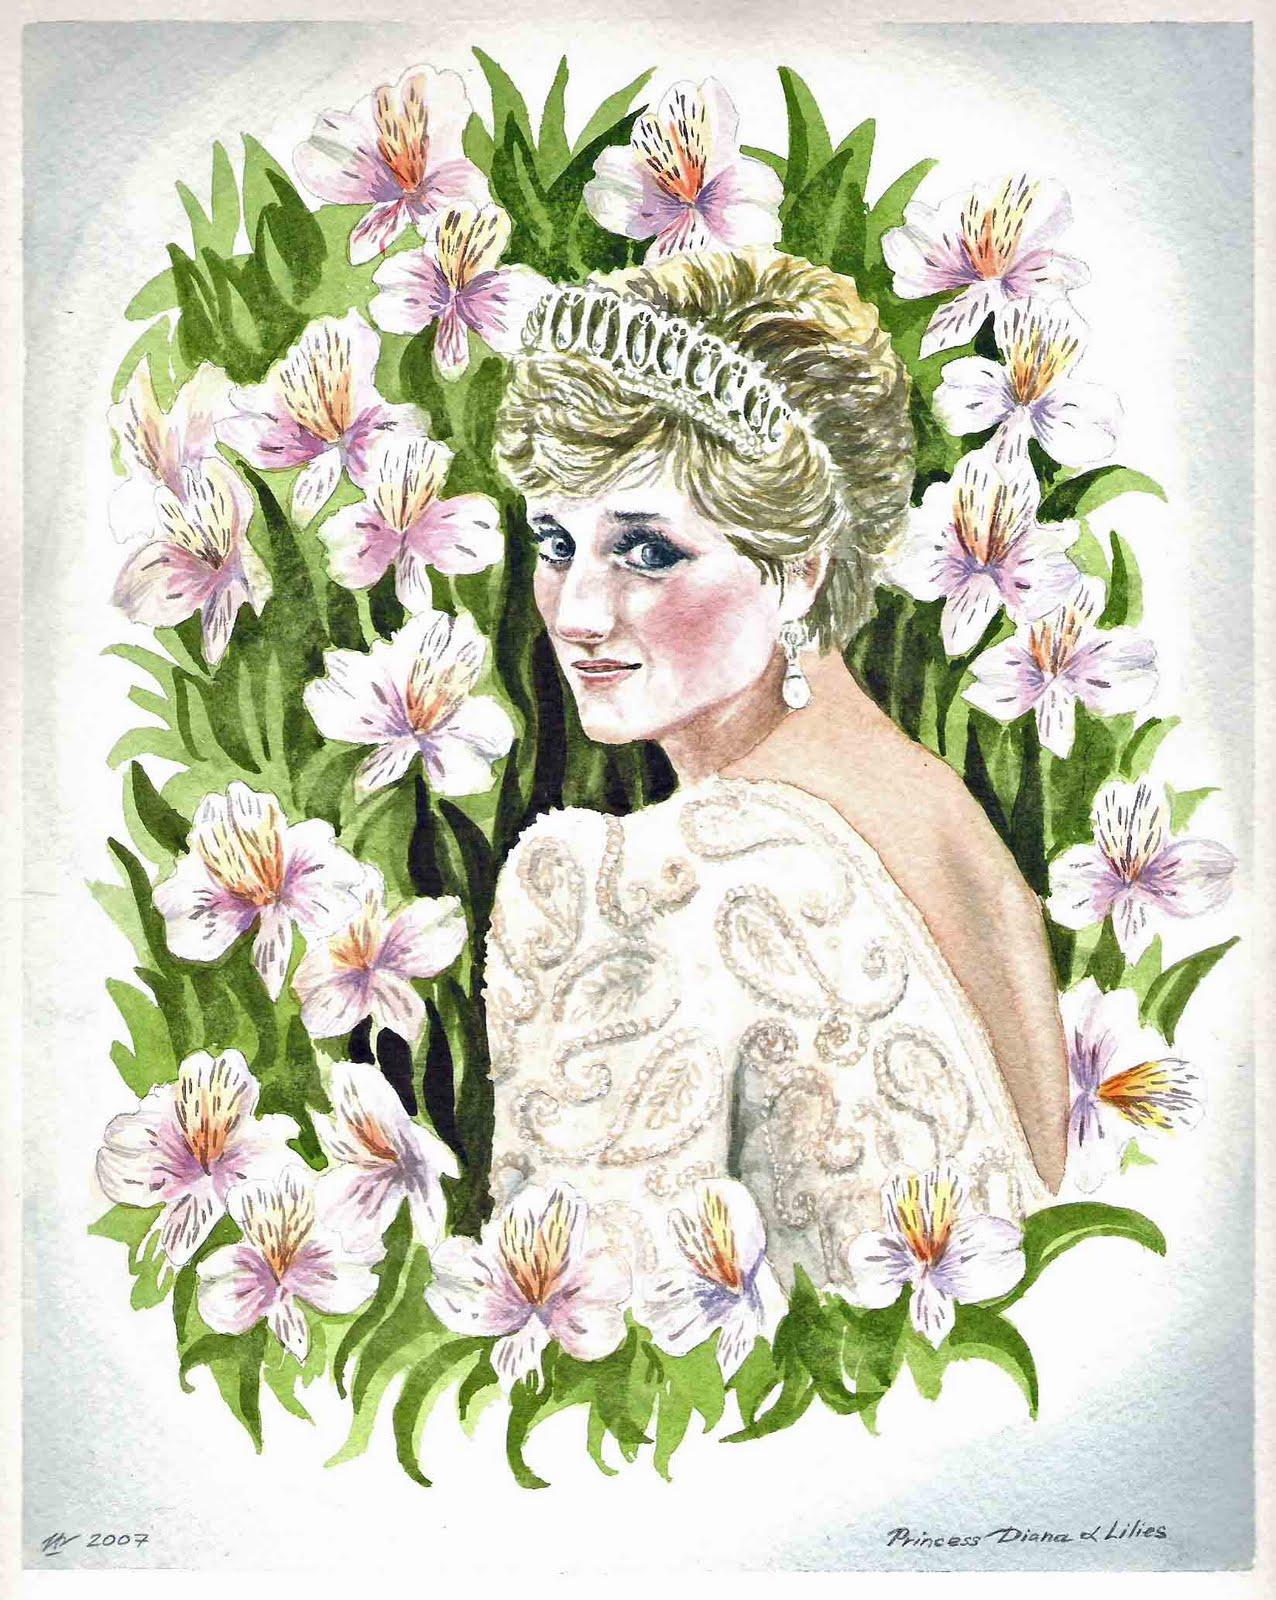 http://1.bp.blogspot.com/-T_ztQDOjYgA/TbjAZzl7OAI/AAAAAAAAAt0/HV2-6FJhAsY/s1600/Princess_Diana_Painting.jpg